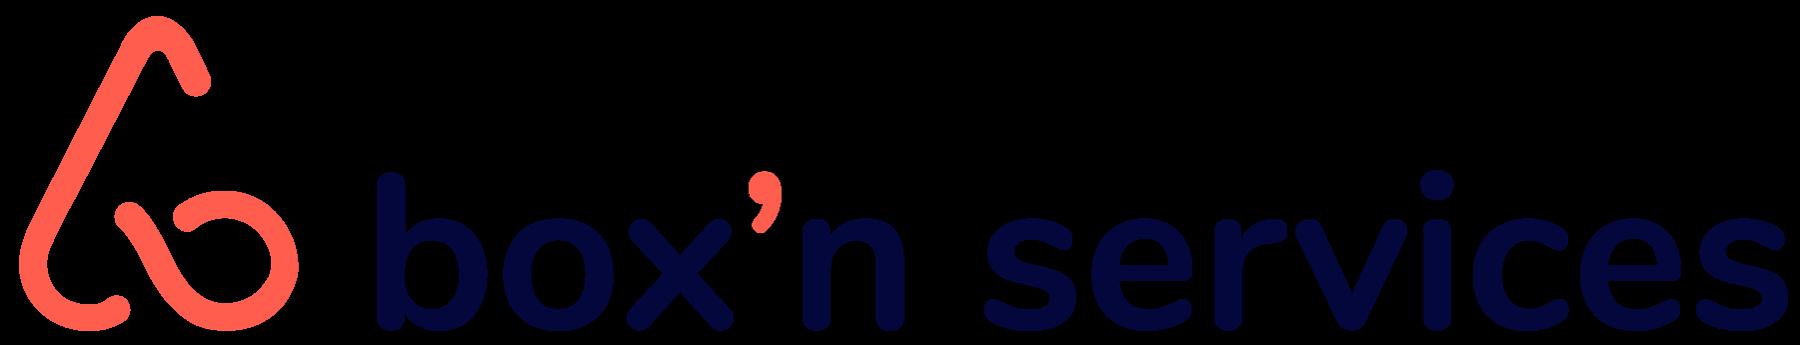 box'n services